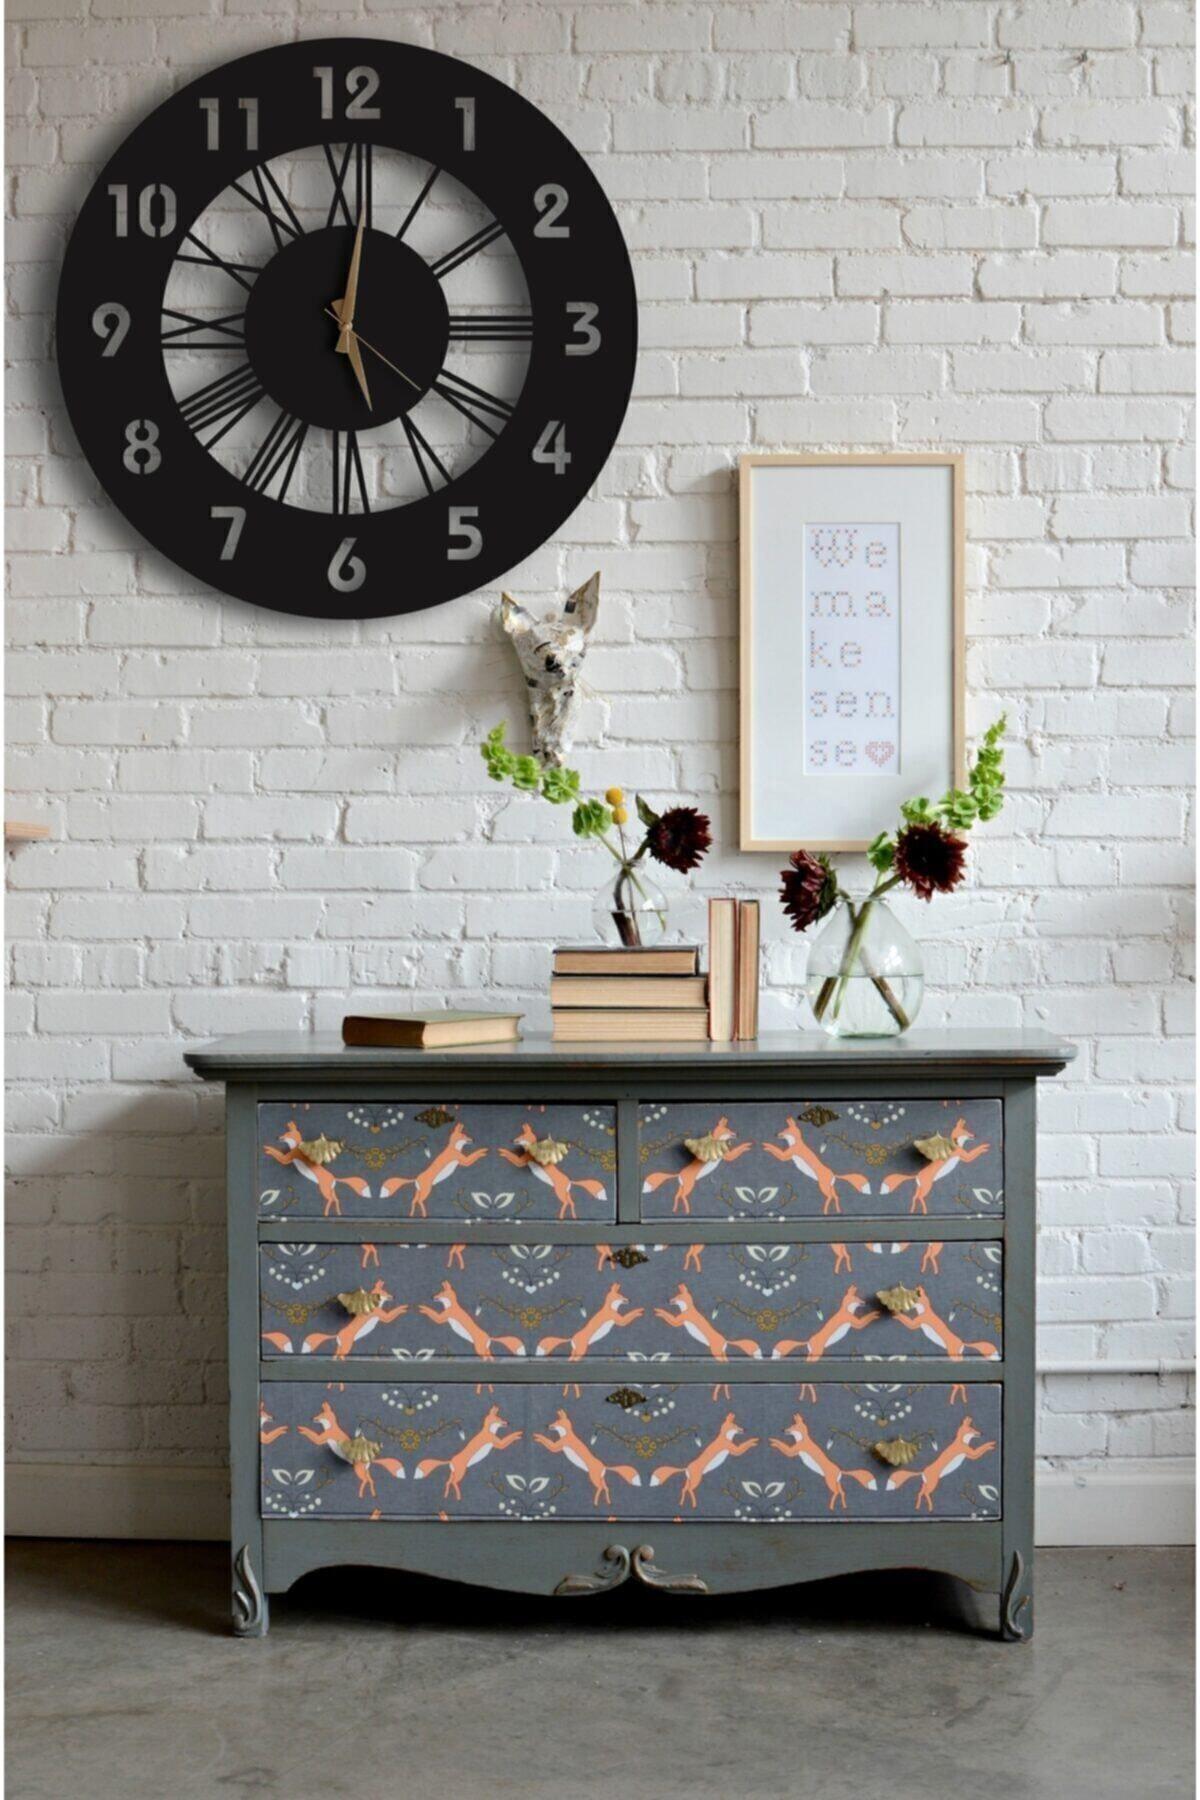 LUPOKRAFT Dekoratif Duvar Saati + Yapraklı Tablo 1